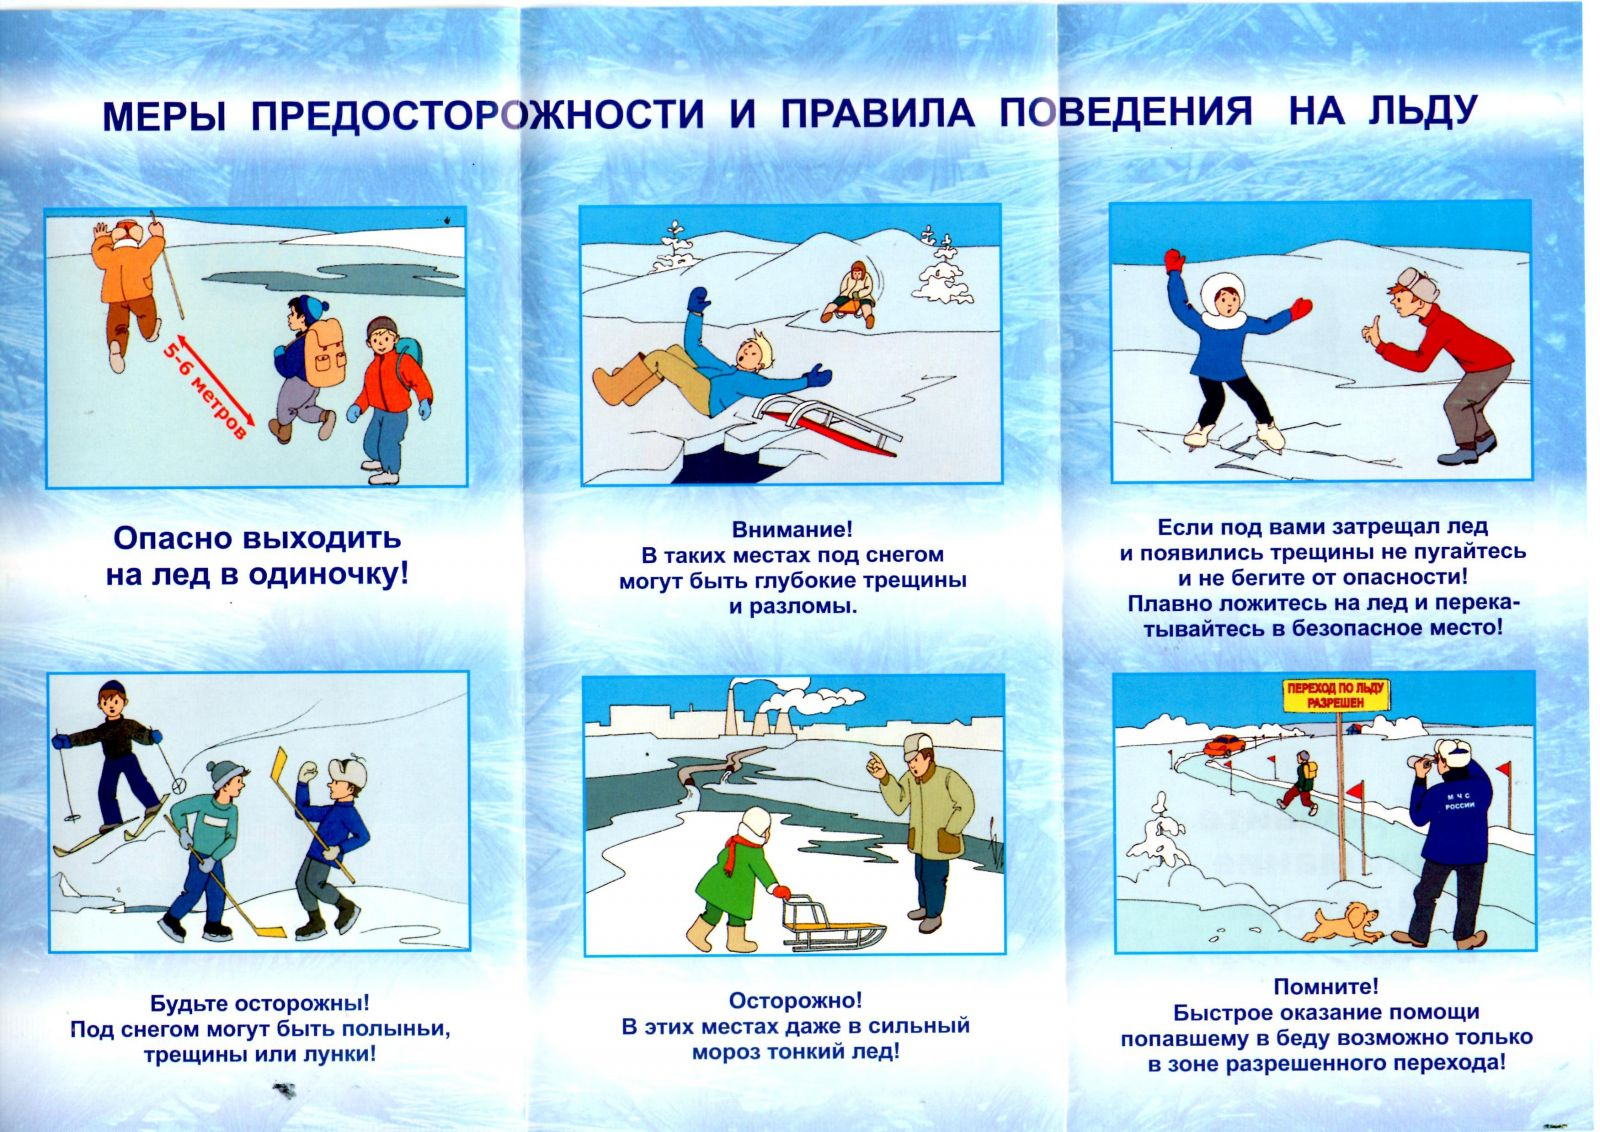 Меры безопасности на льду в зимний период - Администрация городского поселения Смышляевка